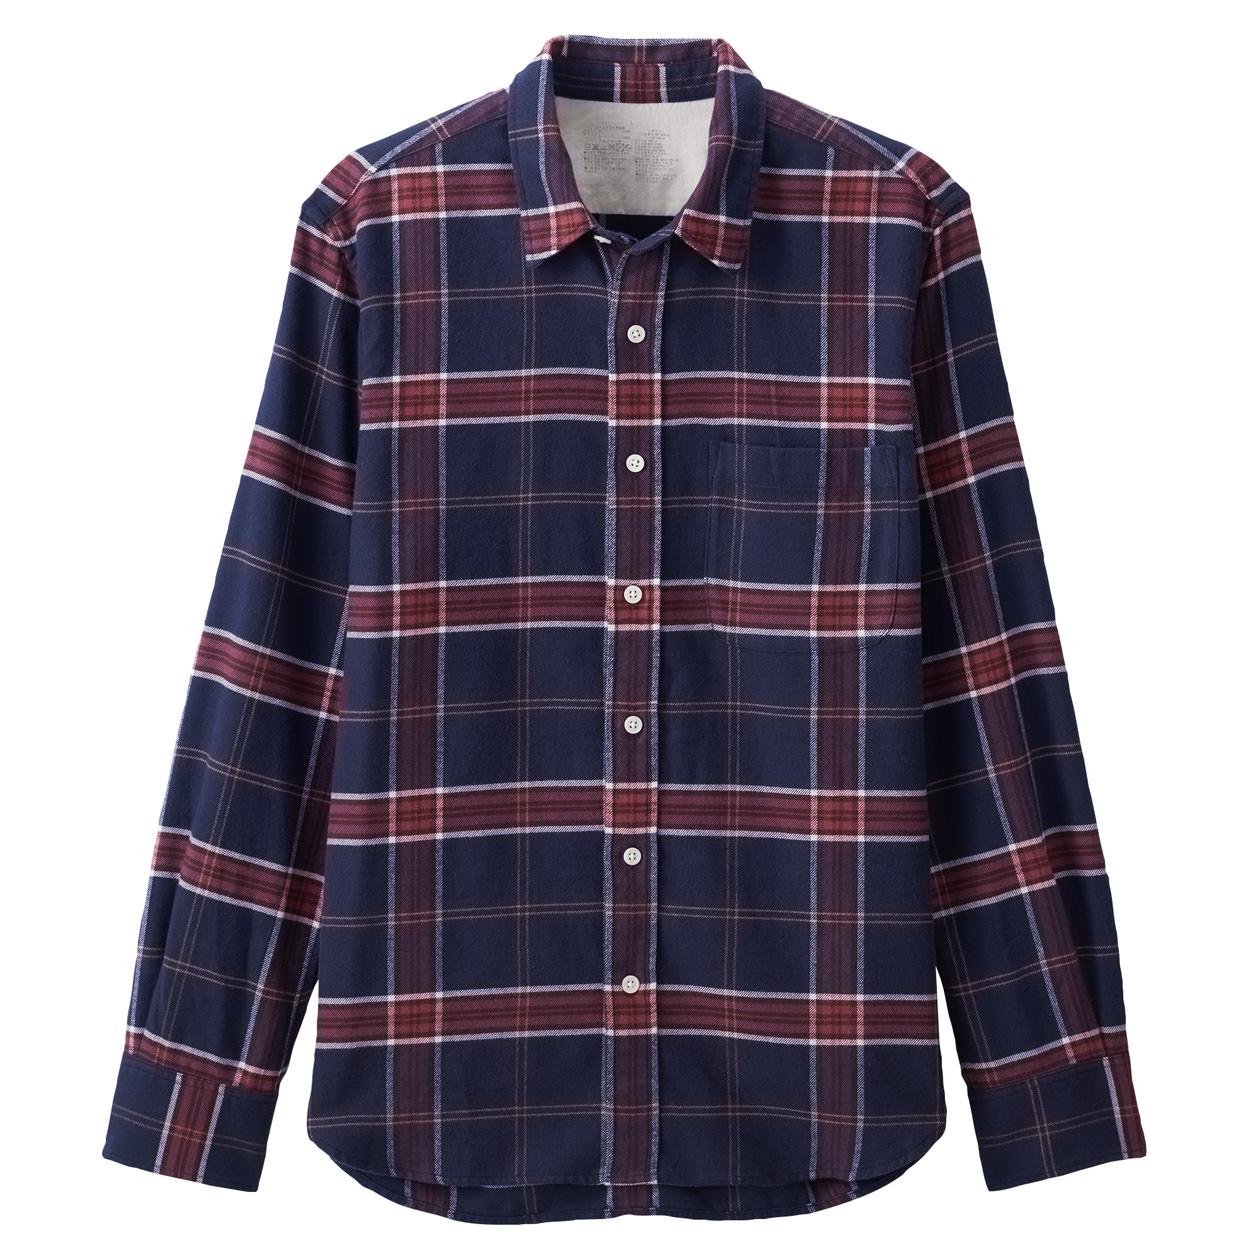 Men's Flannel Series, U.P. $39-$59 (30% OFF)